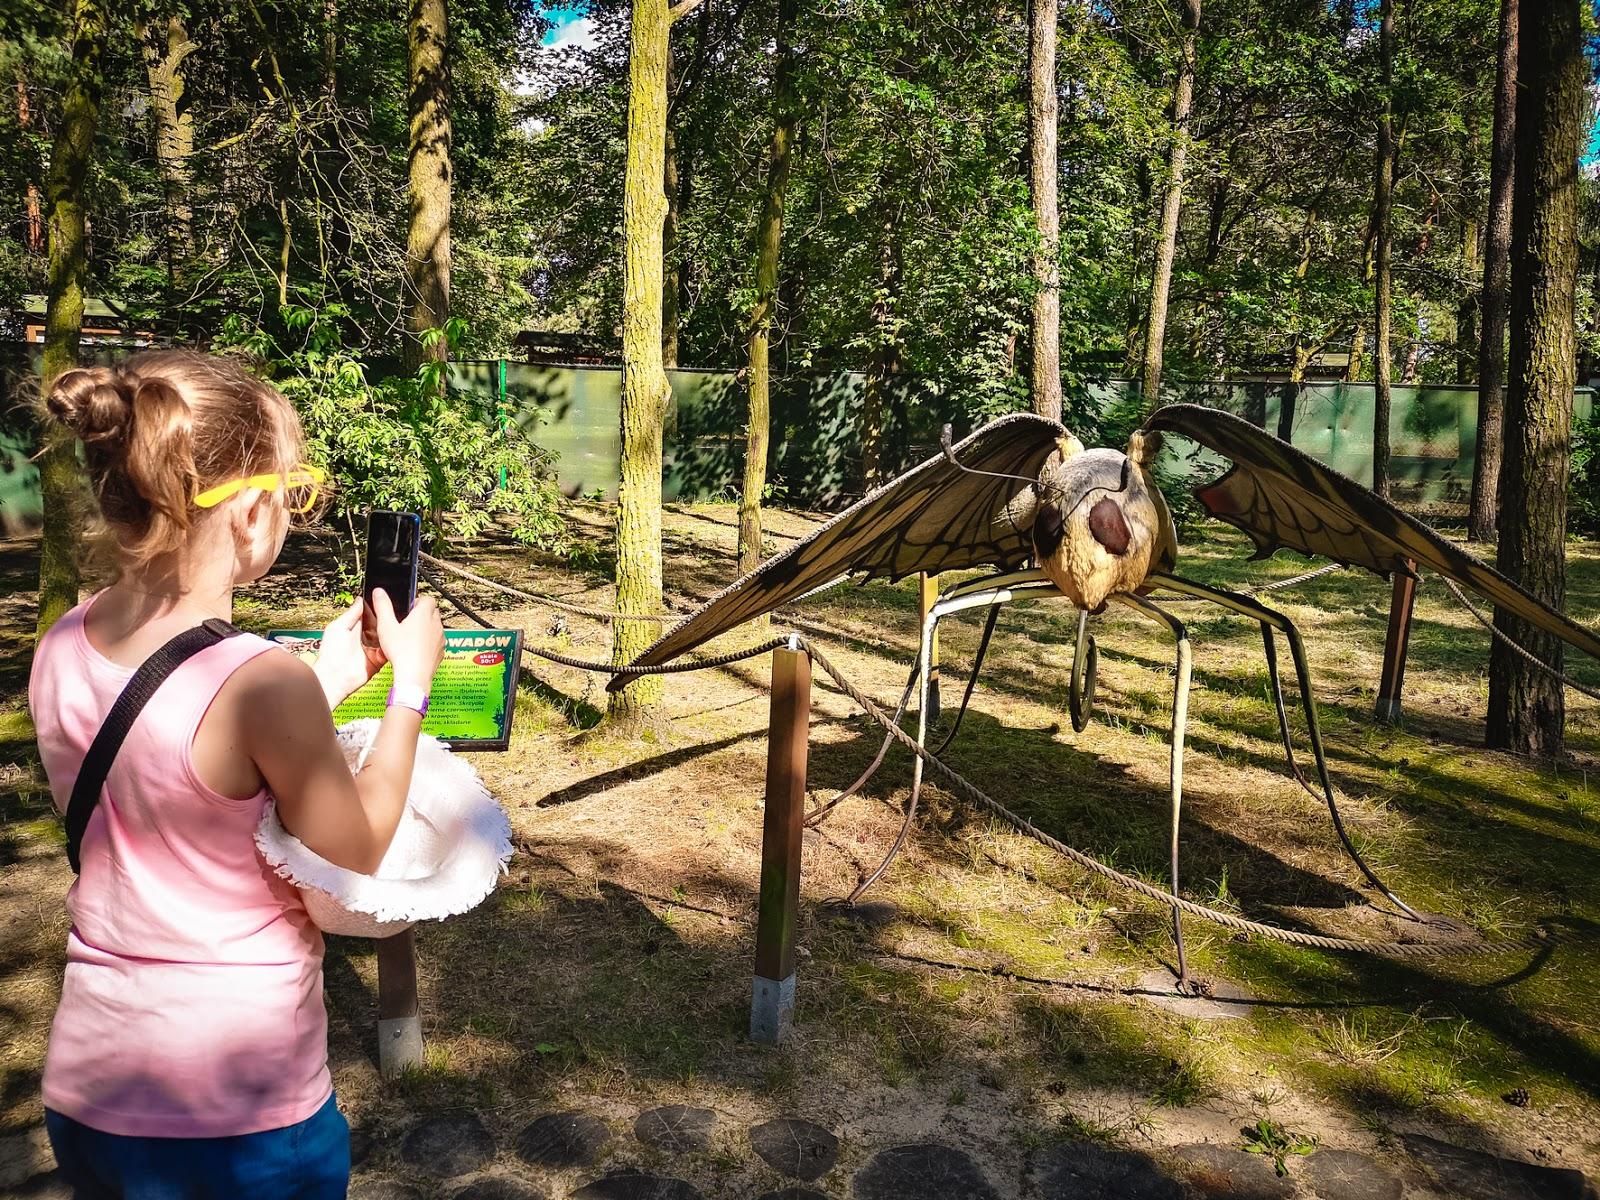 Ostrów Wielkopolski - atrakcje dla dzieci, czyli pomysł na jednodniową wycieczkę